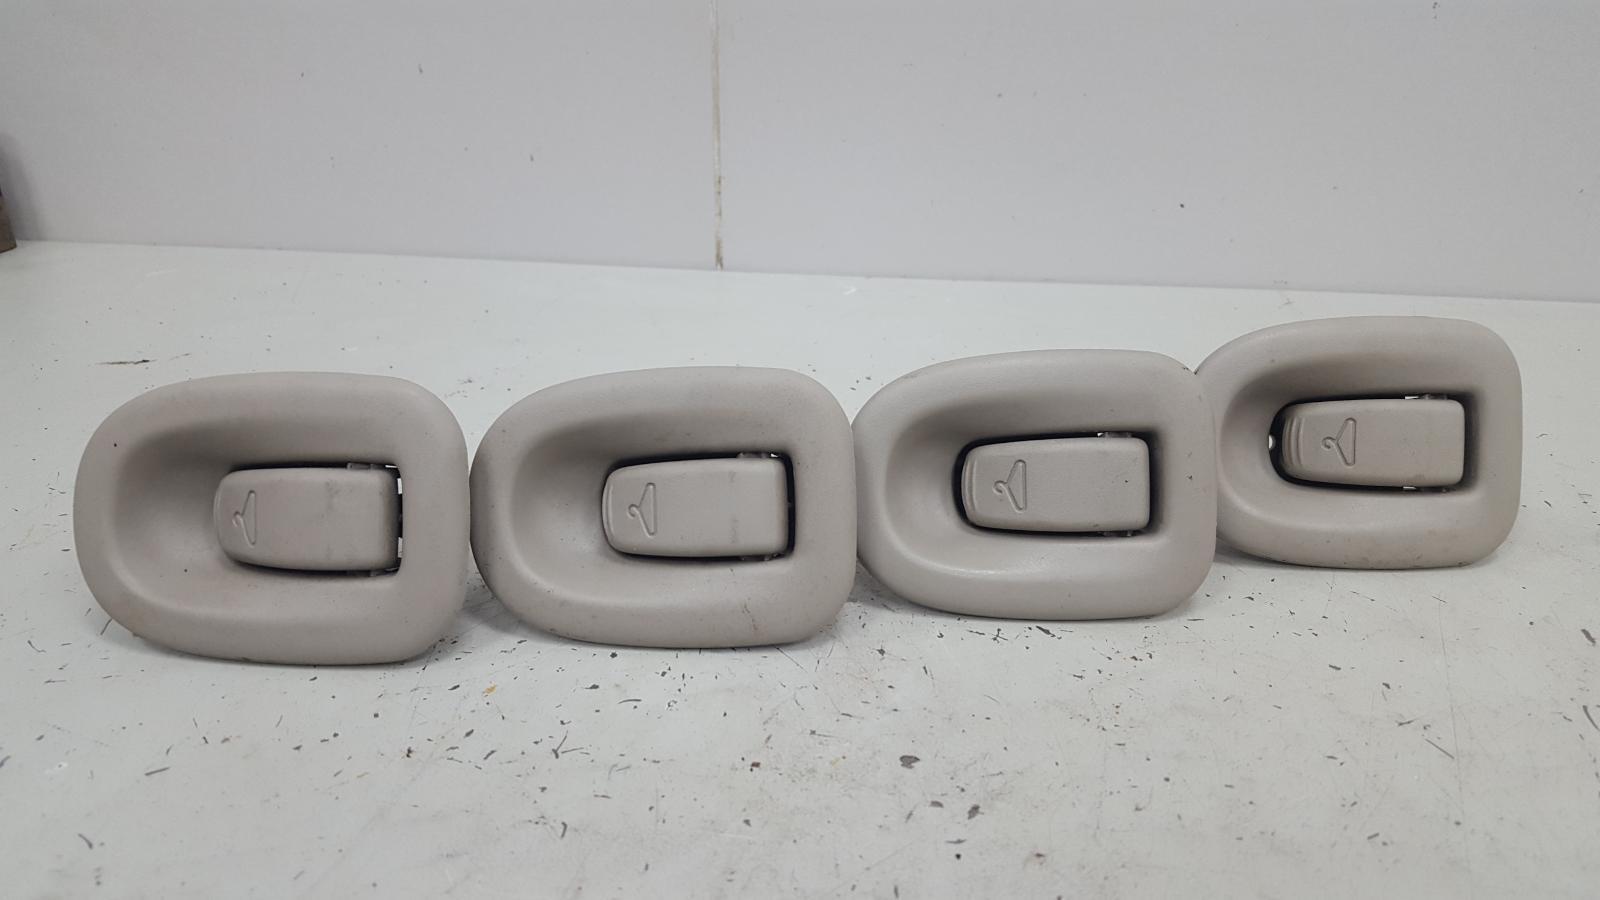 Комплект крючков для одежды Dodge Caravan 4 RG EGM 3.3Л 2001